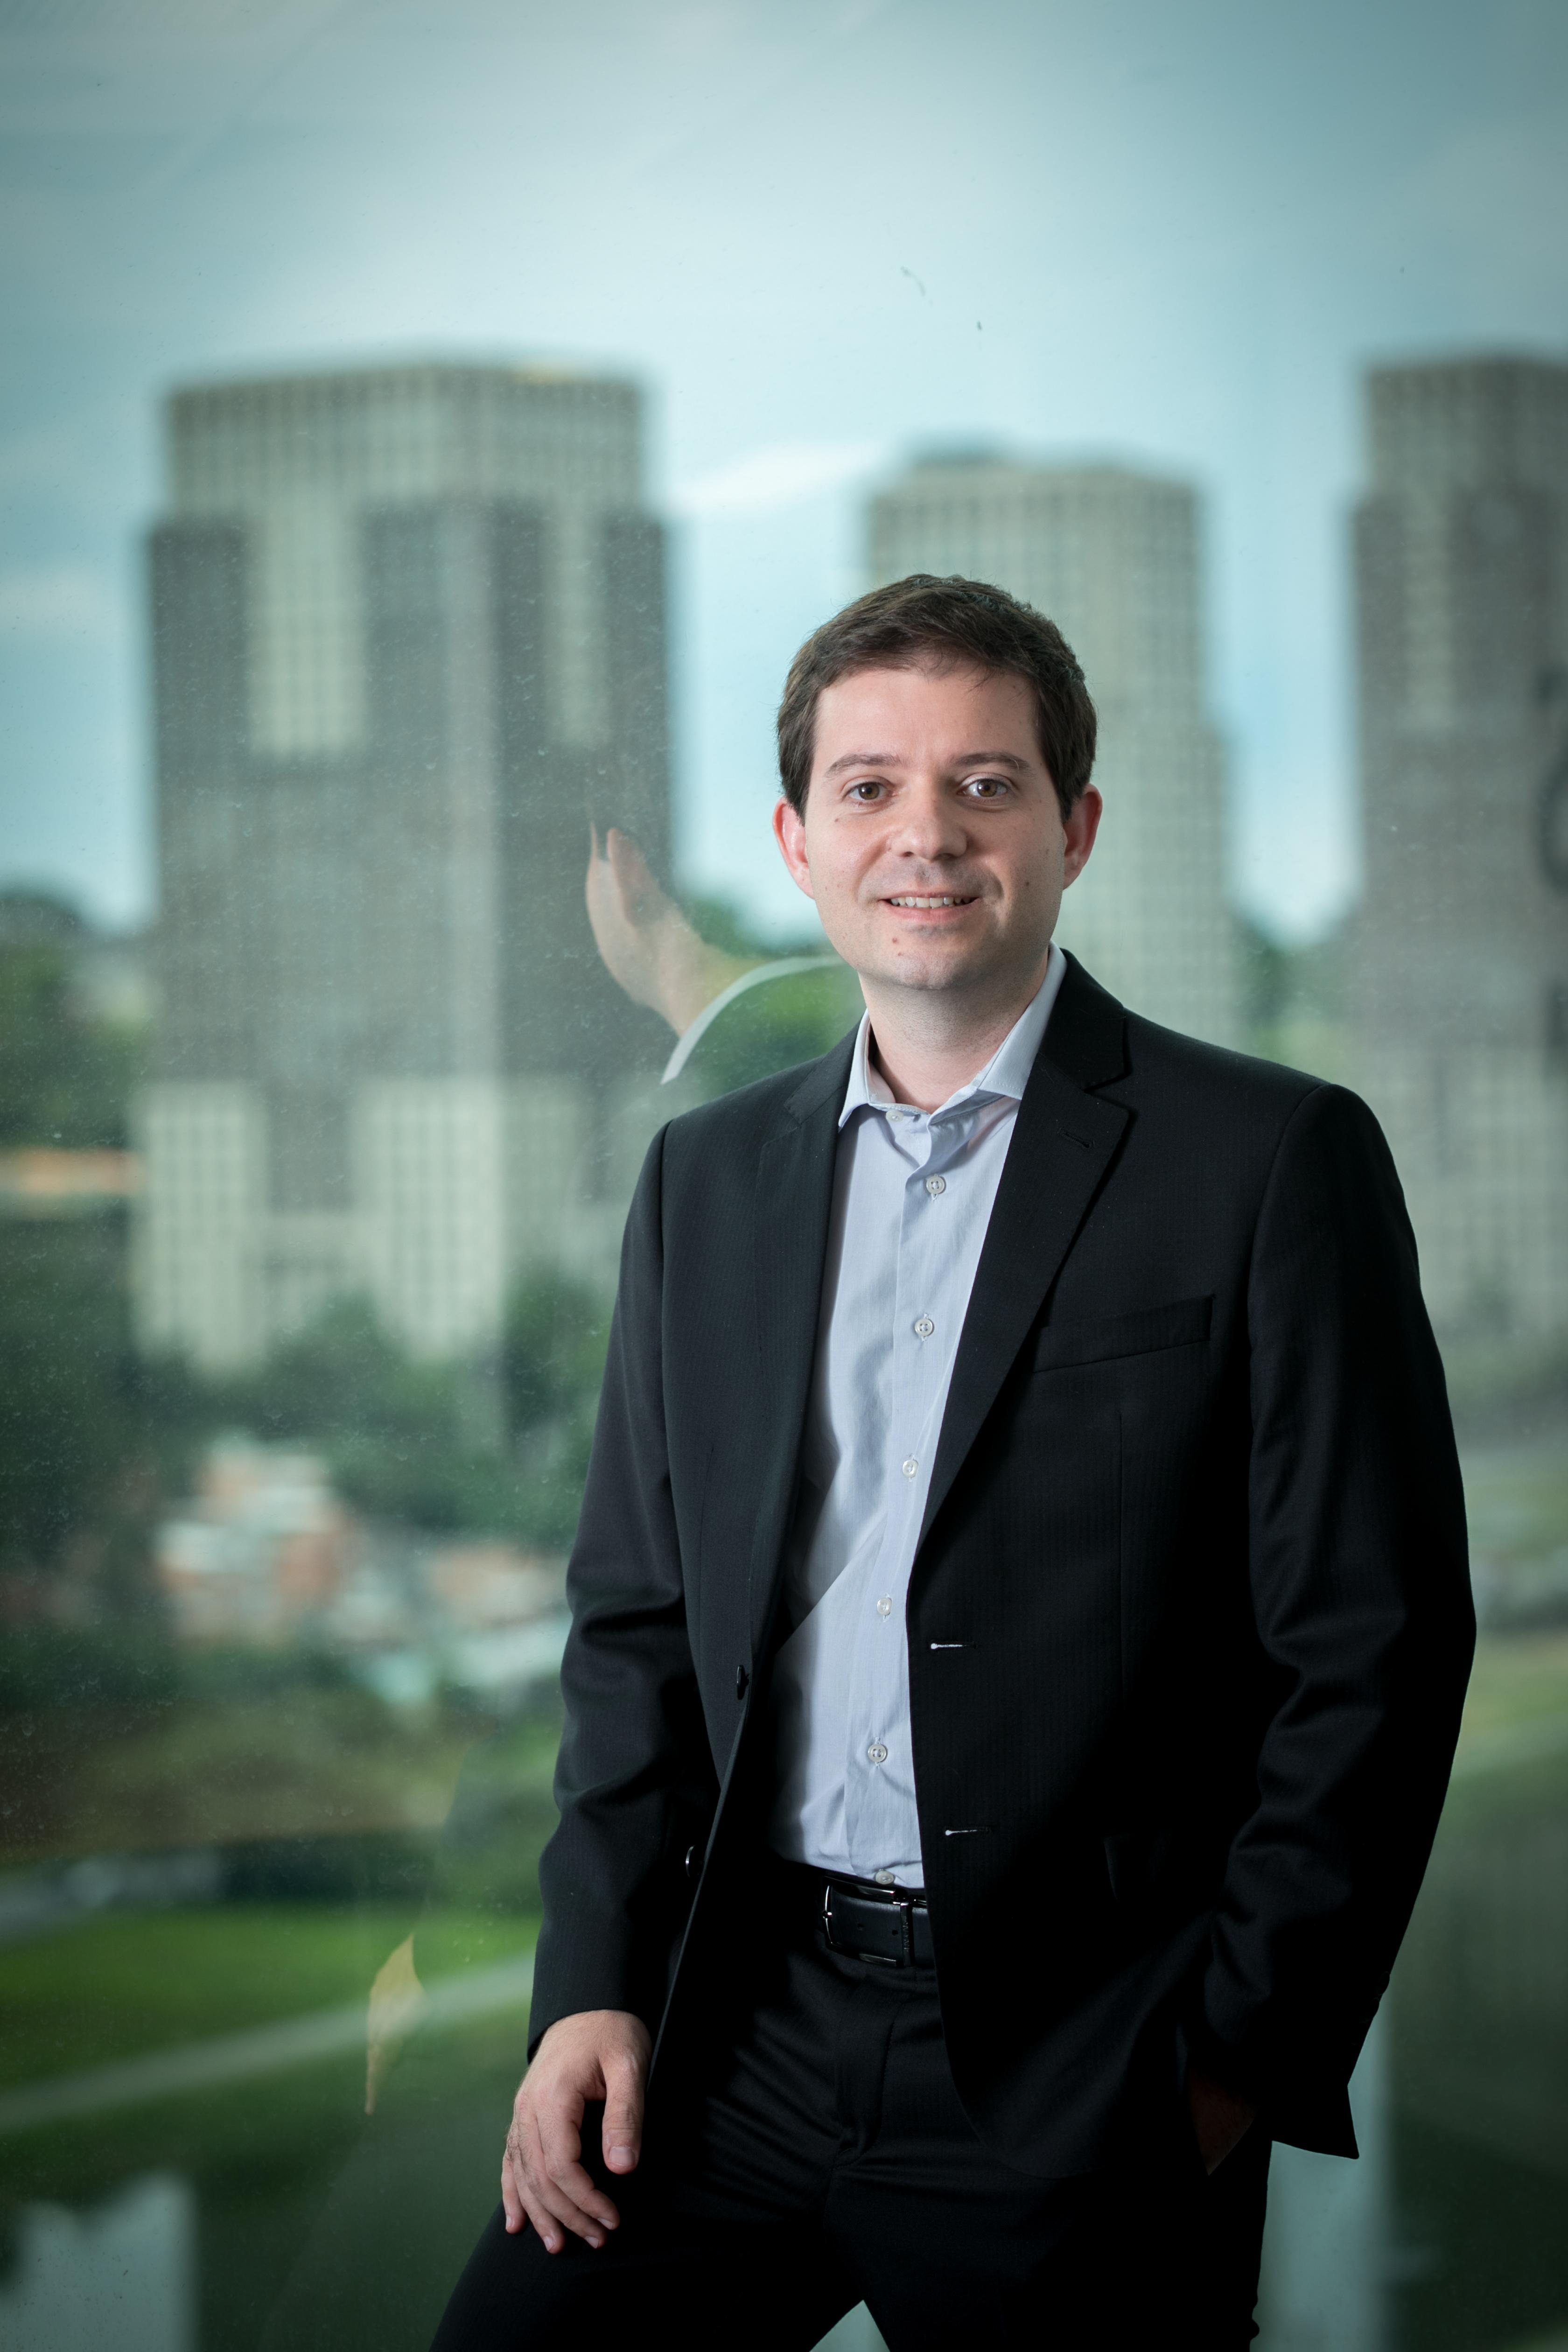 Patrocinadora da ExpoAlumínio, Novelis fala sobre mercado, projeções e expectativas para esta edição.